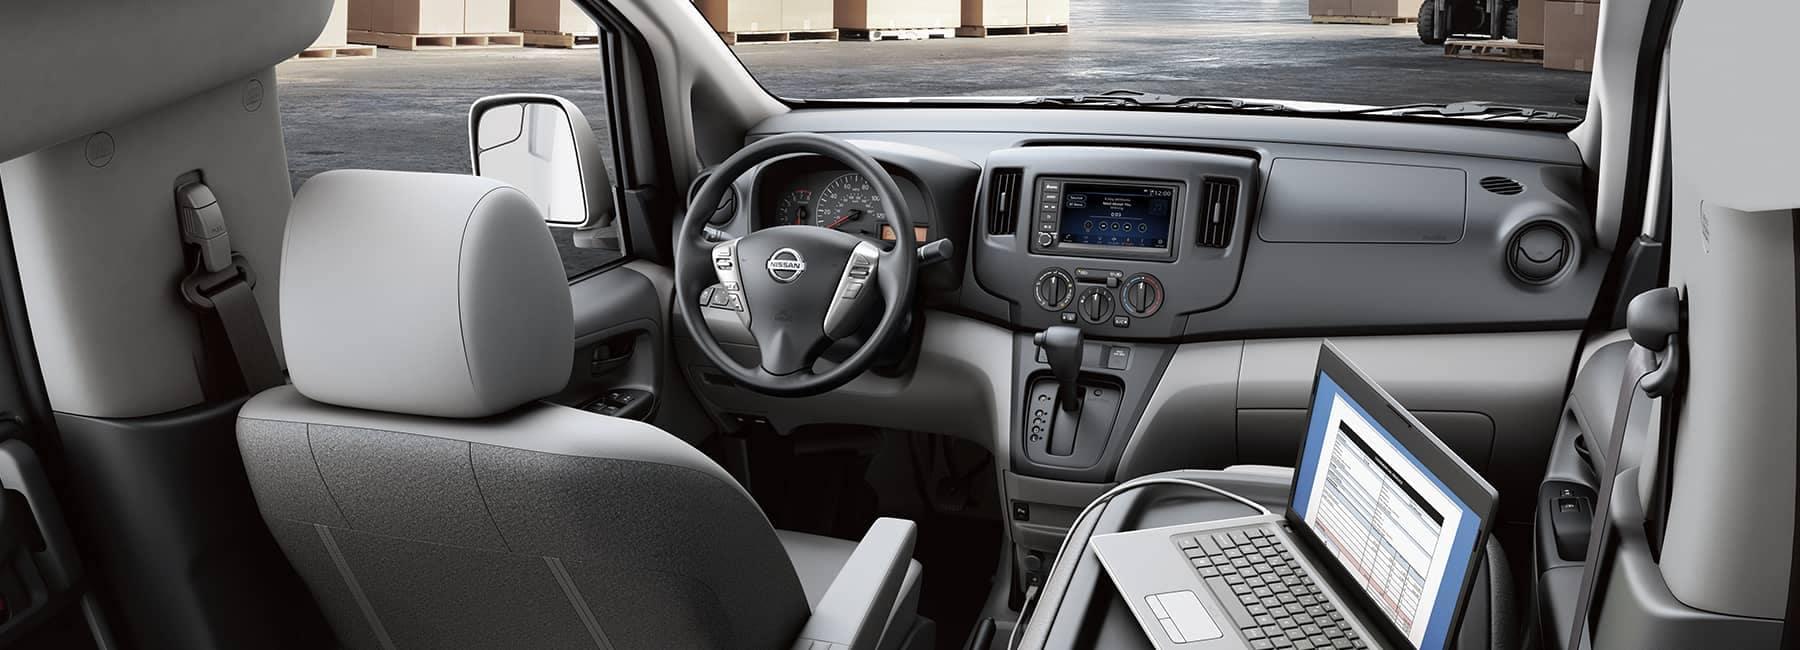 Interior 2020 NV200